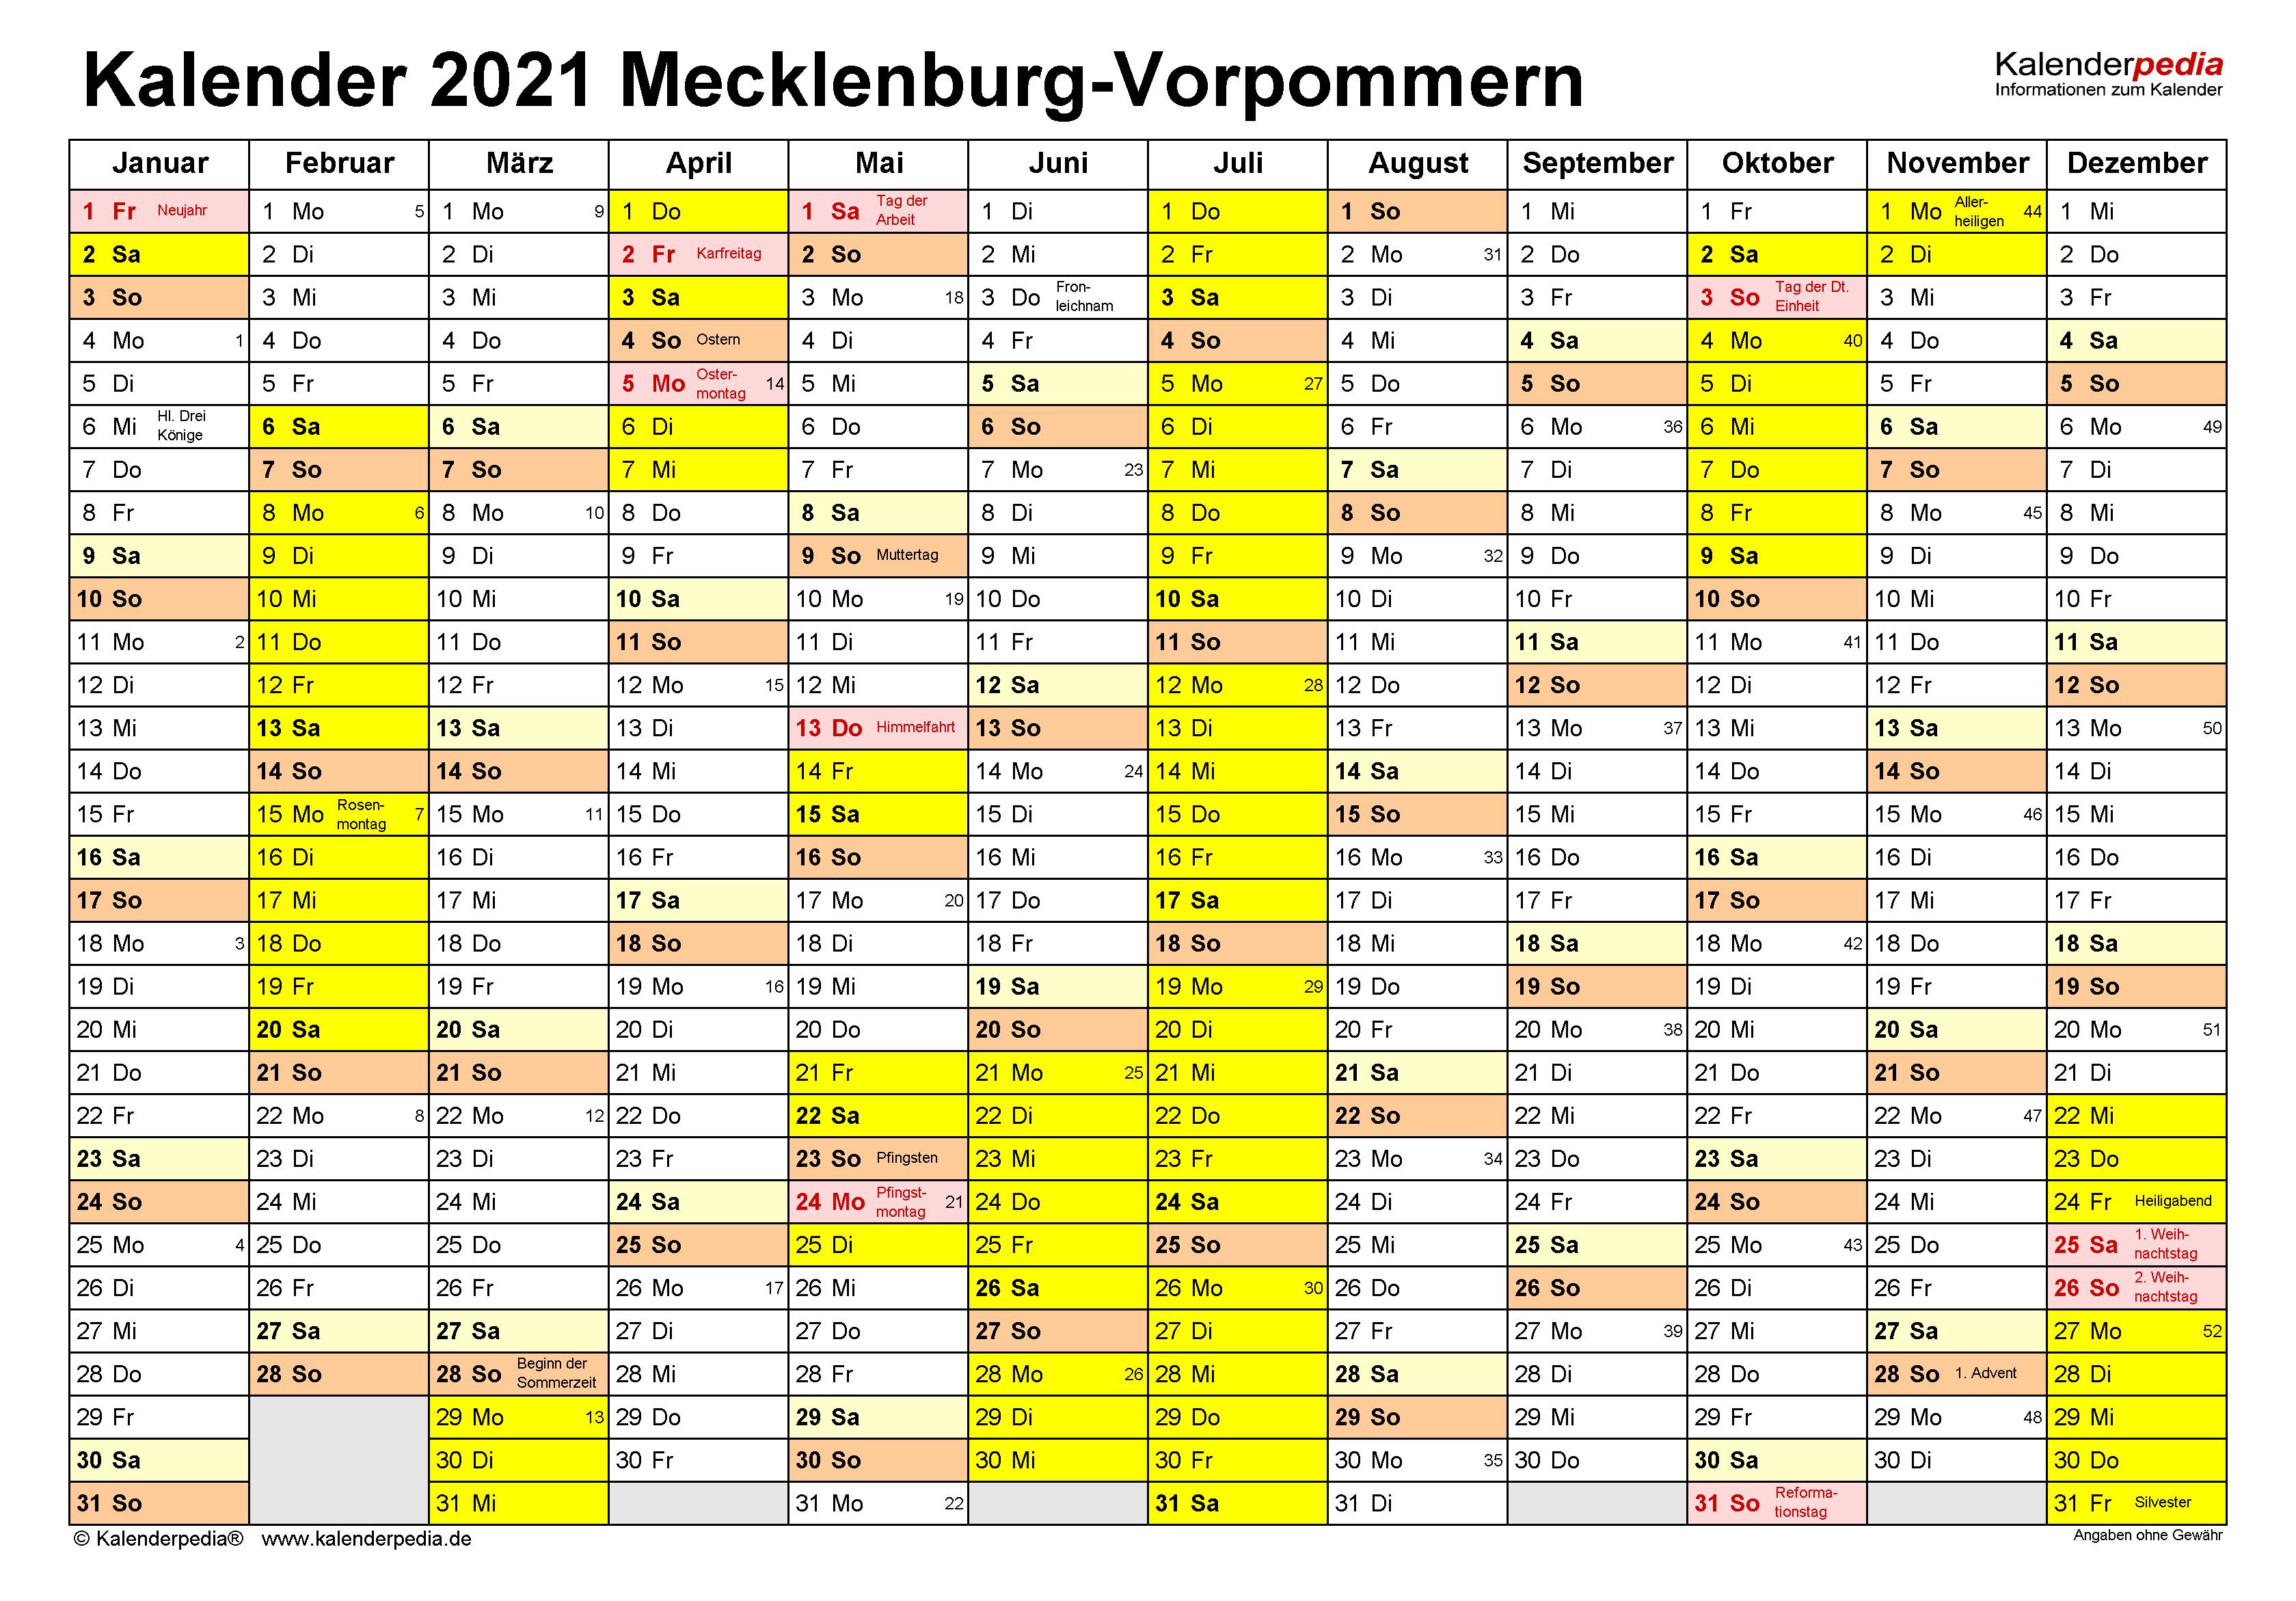 Kalender 2021 Mecklenburg-Vorpommern: Ferien, Feiertage ...